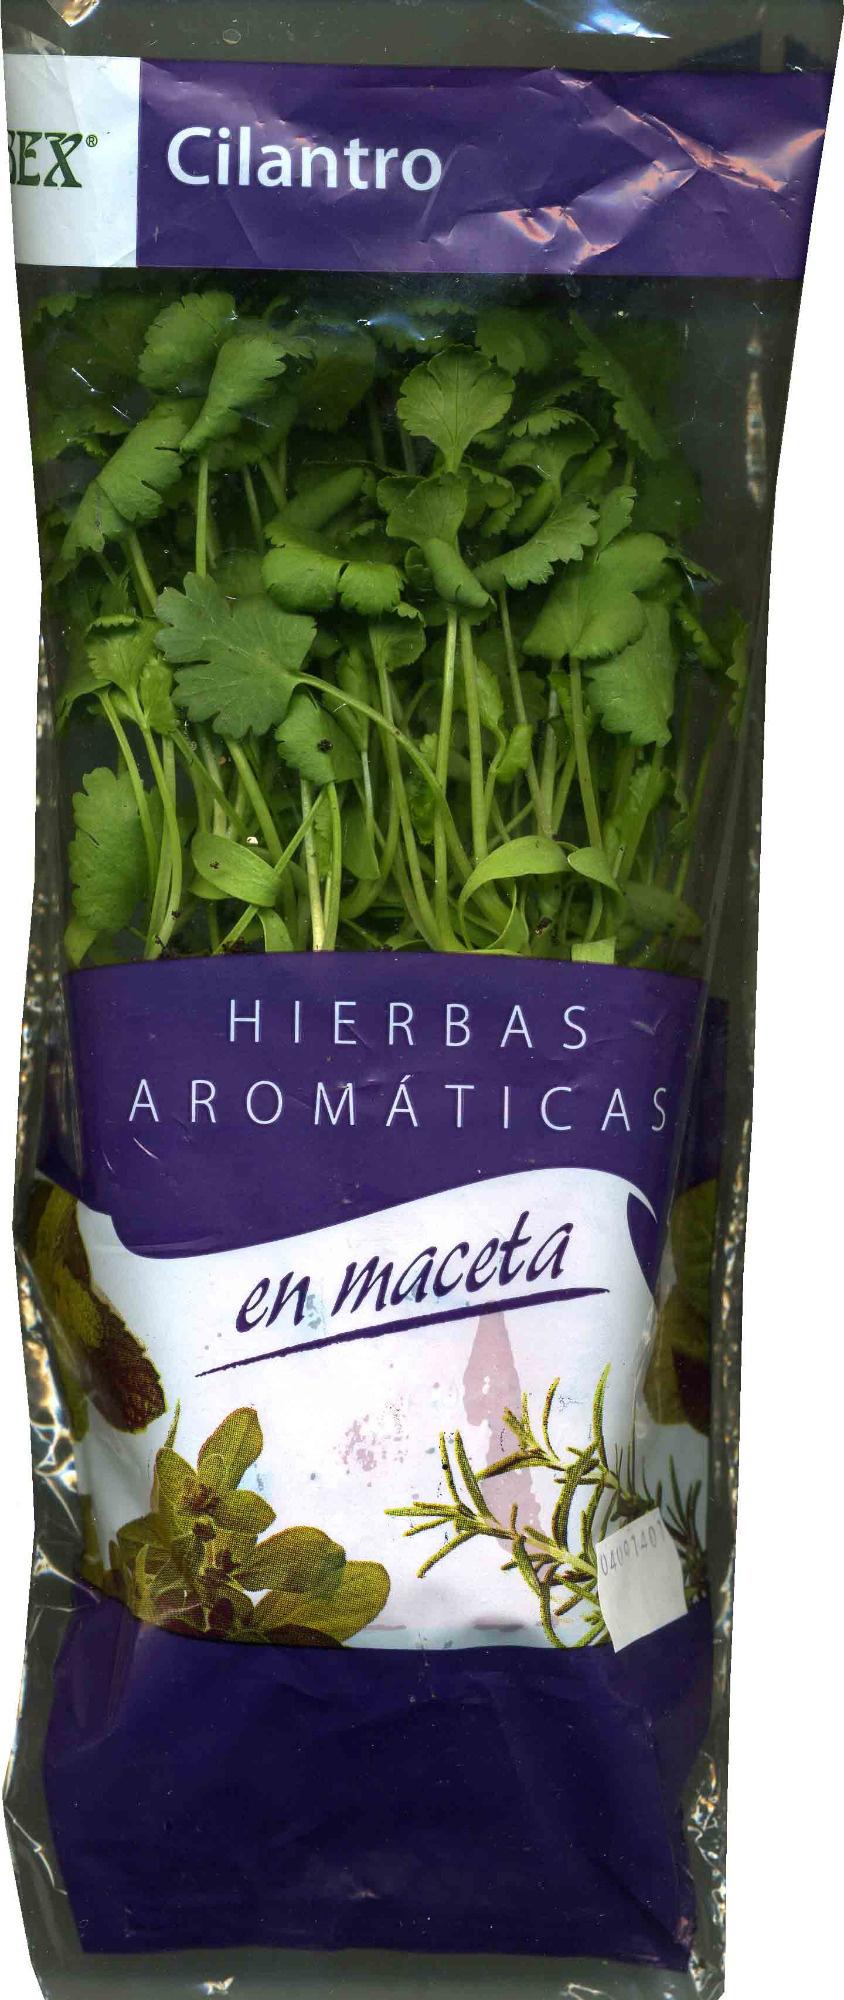 Maceta de cilantro - Producto